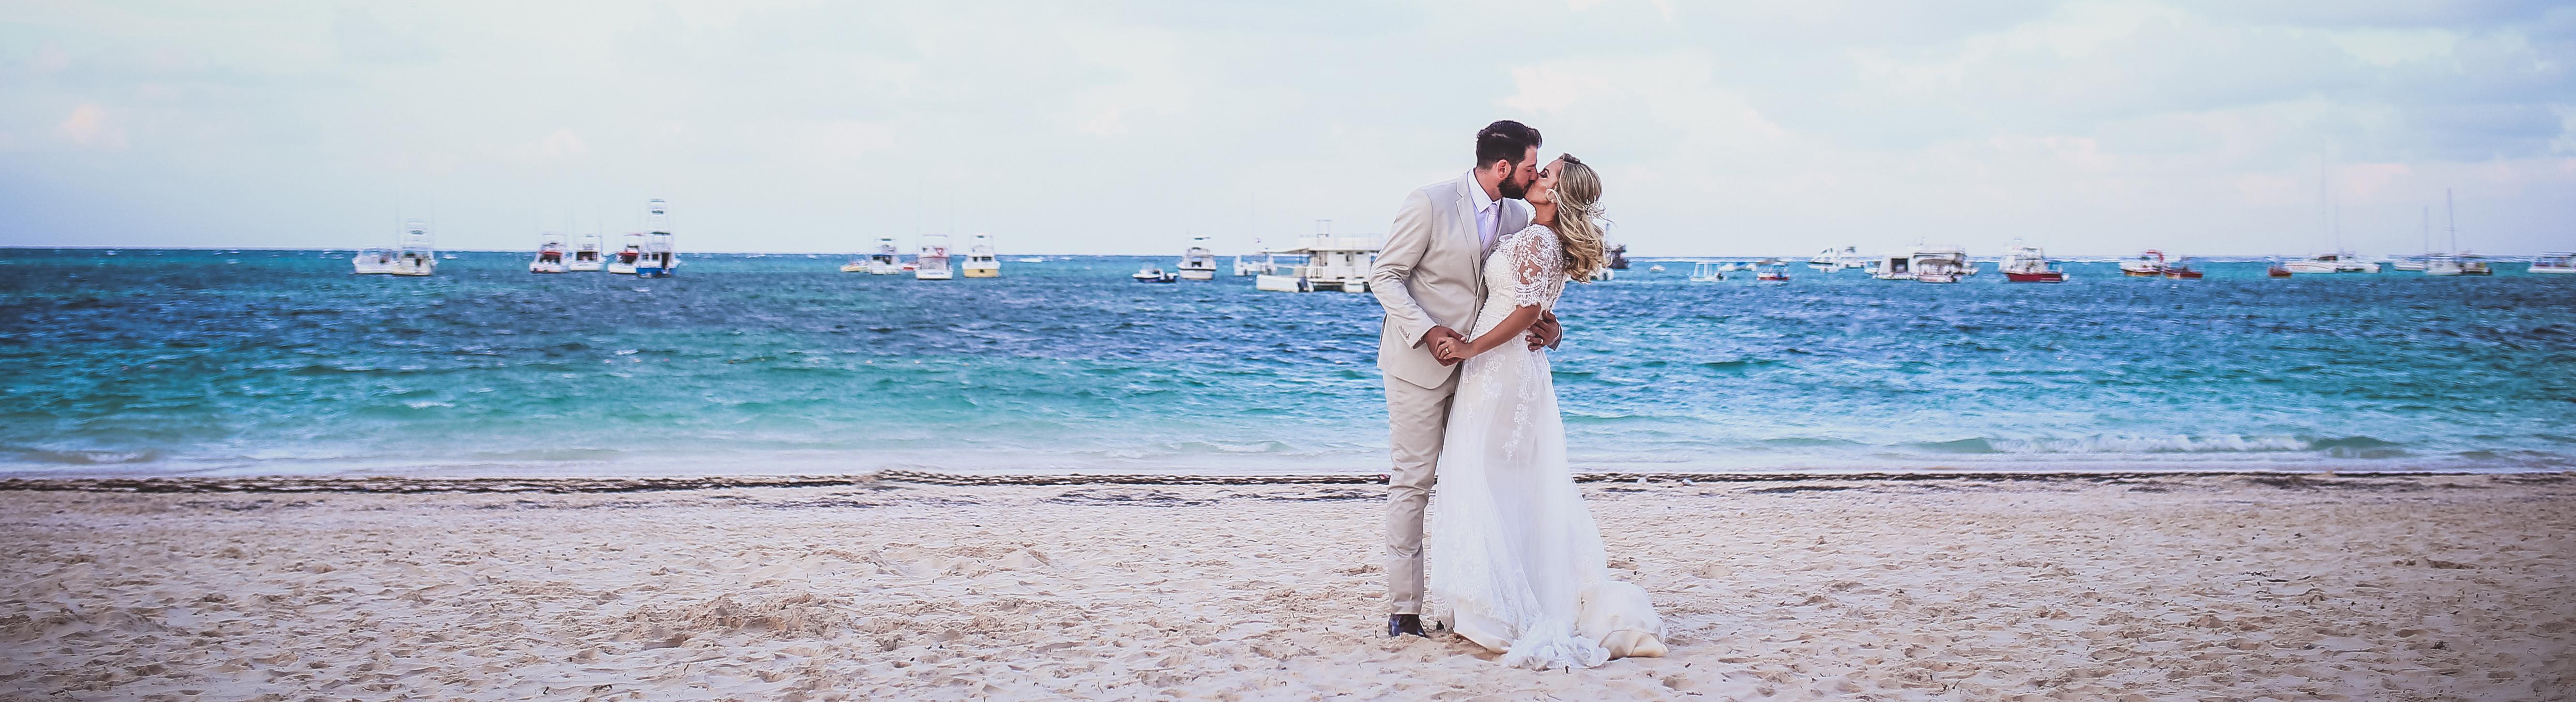 Contate fotógrafo casamento, destination wedding , fotógrafo são paulo, fotógrafo brasileiro,casamento punta cana, fotógrafo punta cana,